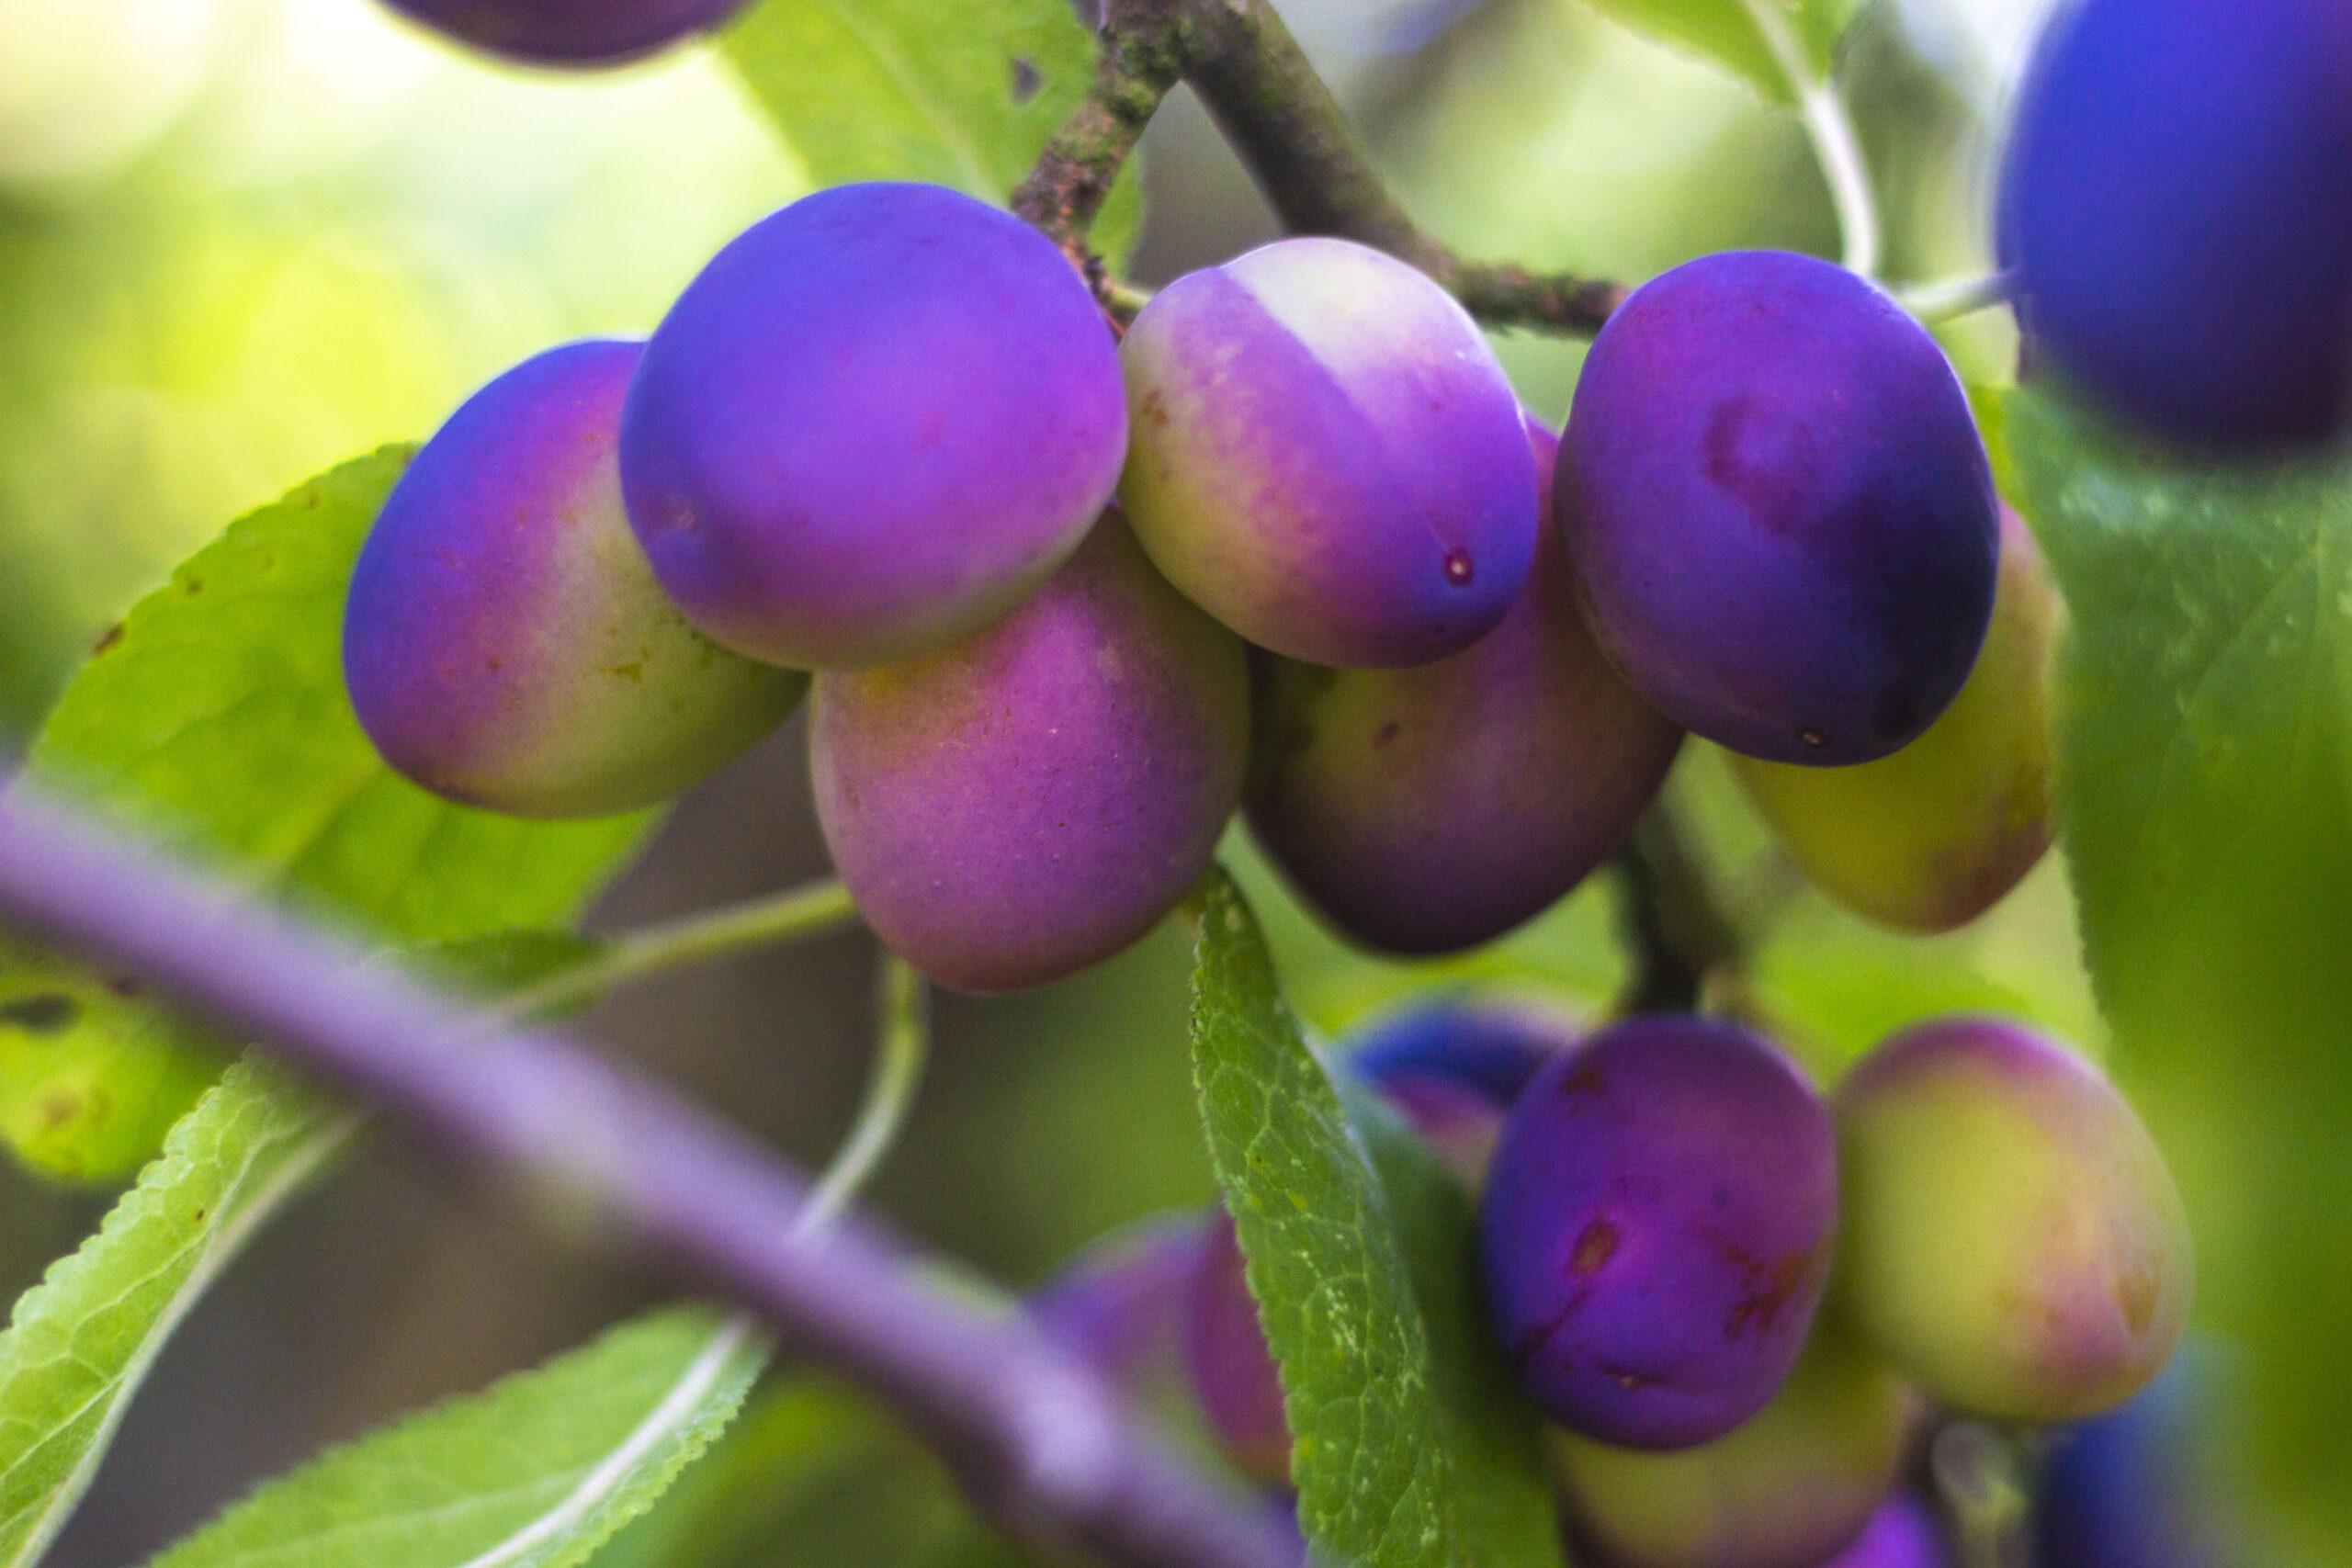 Plant et blommetræ & smag forskellen